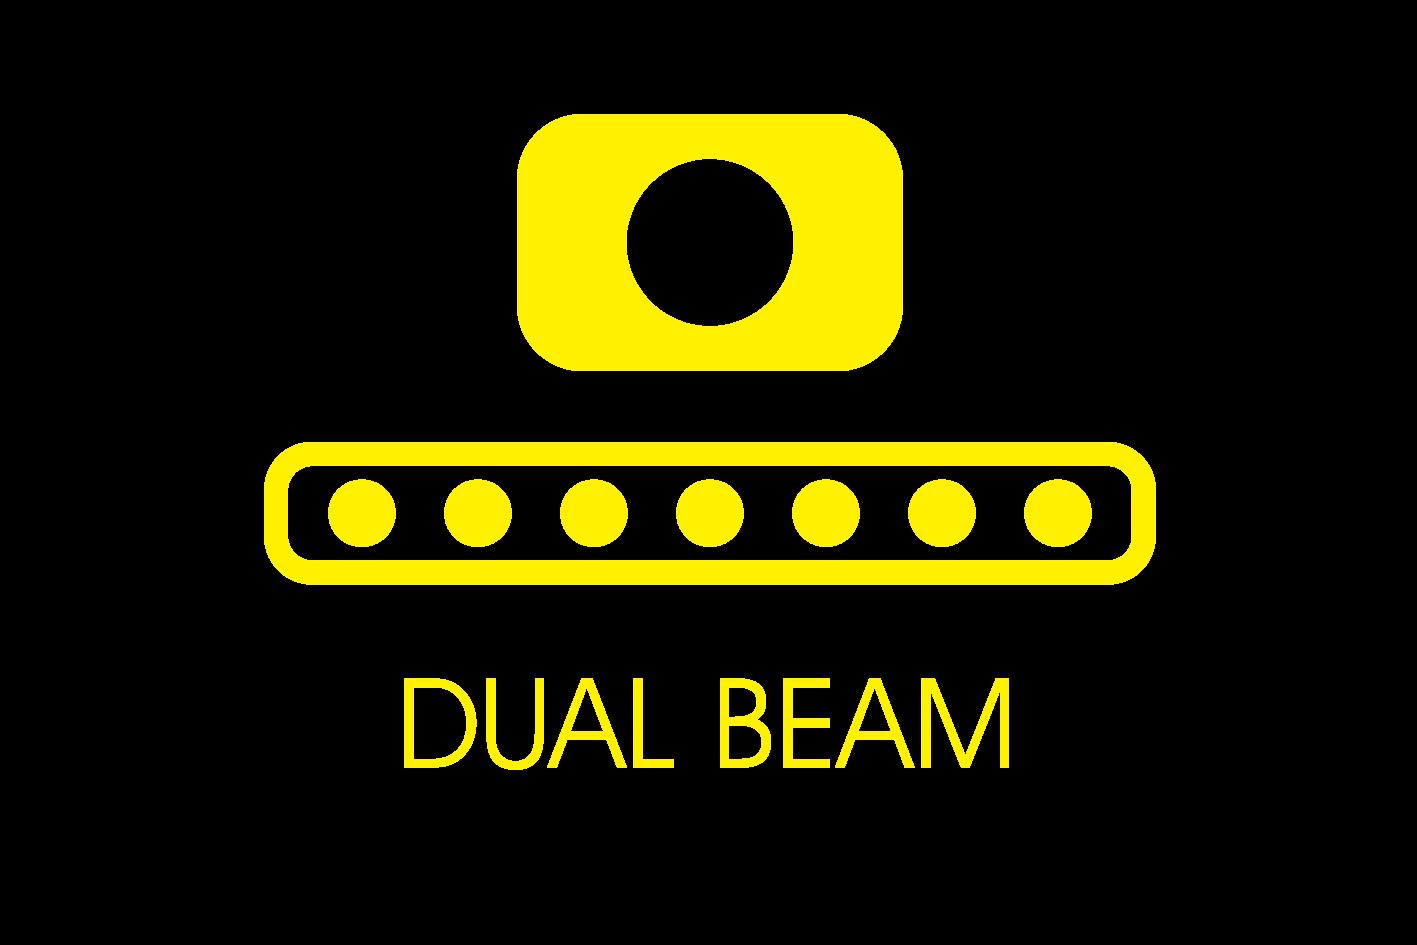 DUAL BEAM